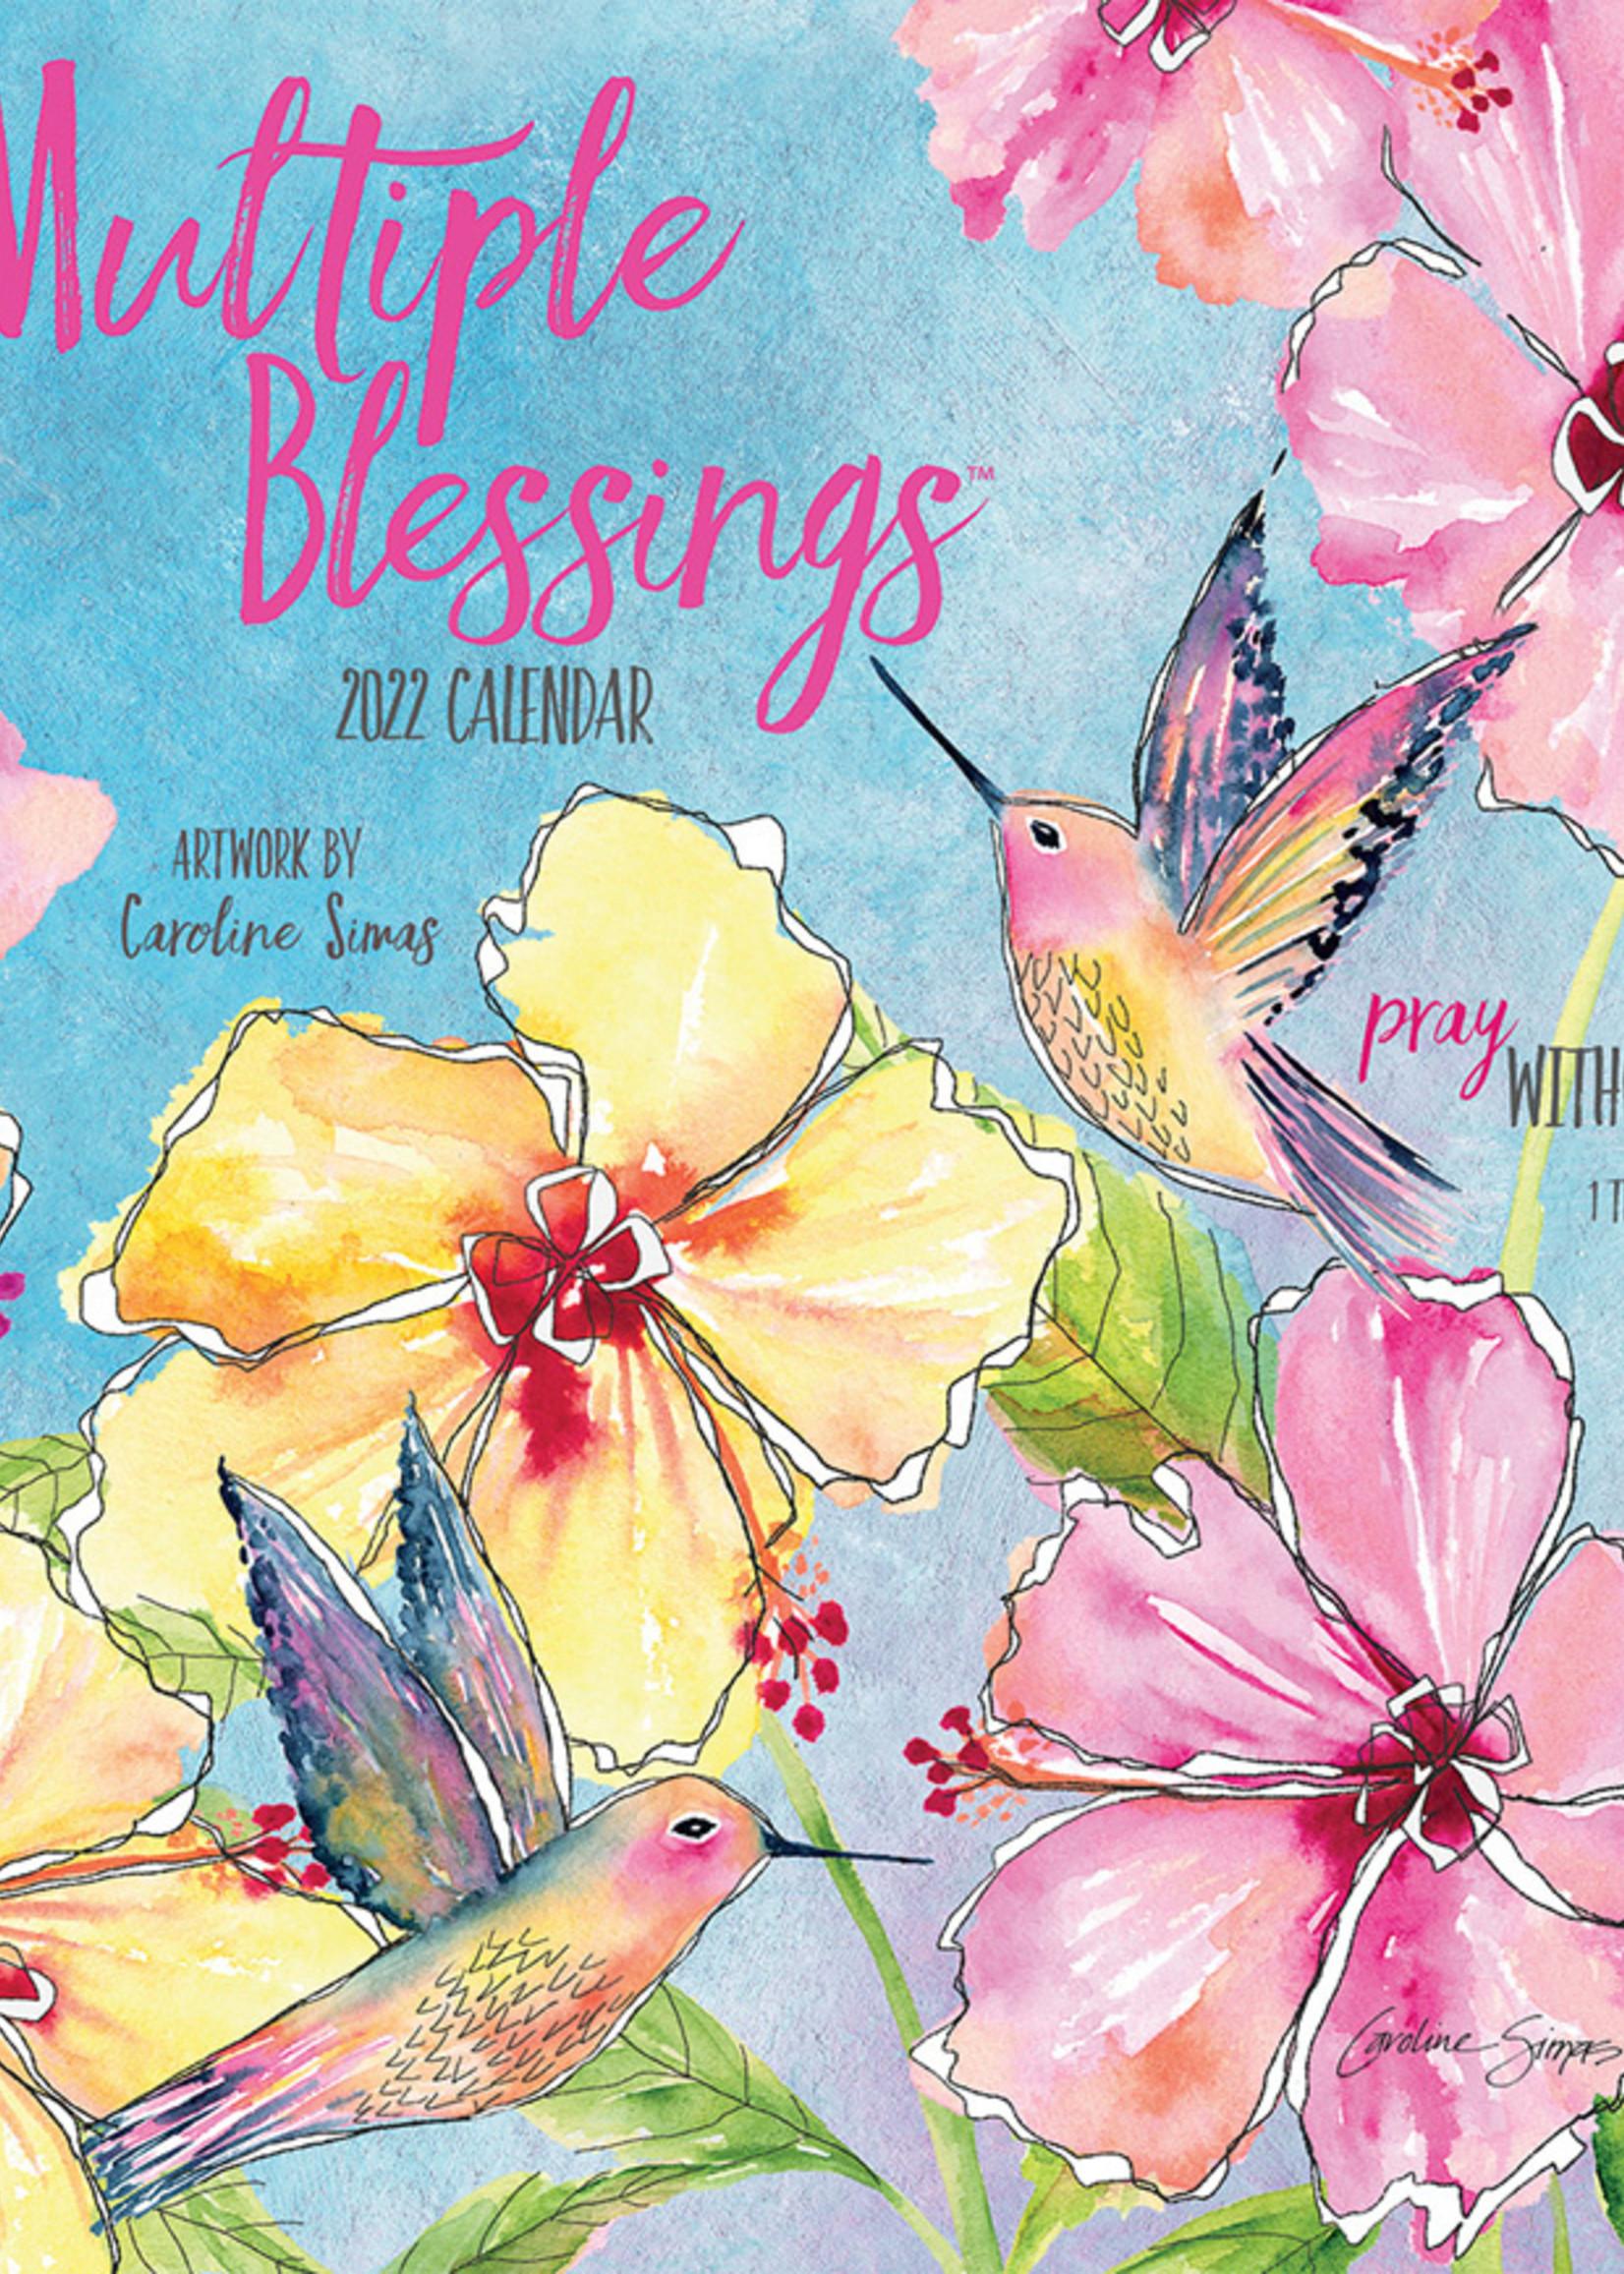 Multiple Blessings Calendar 2022